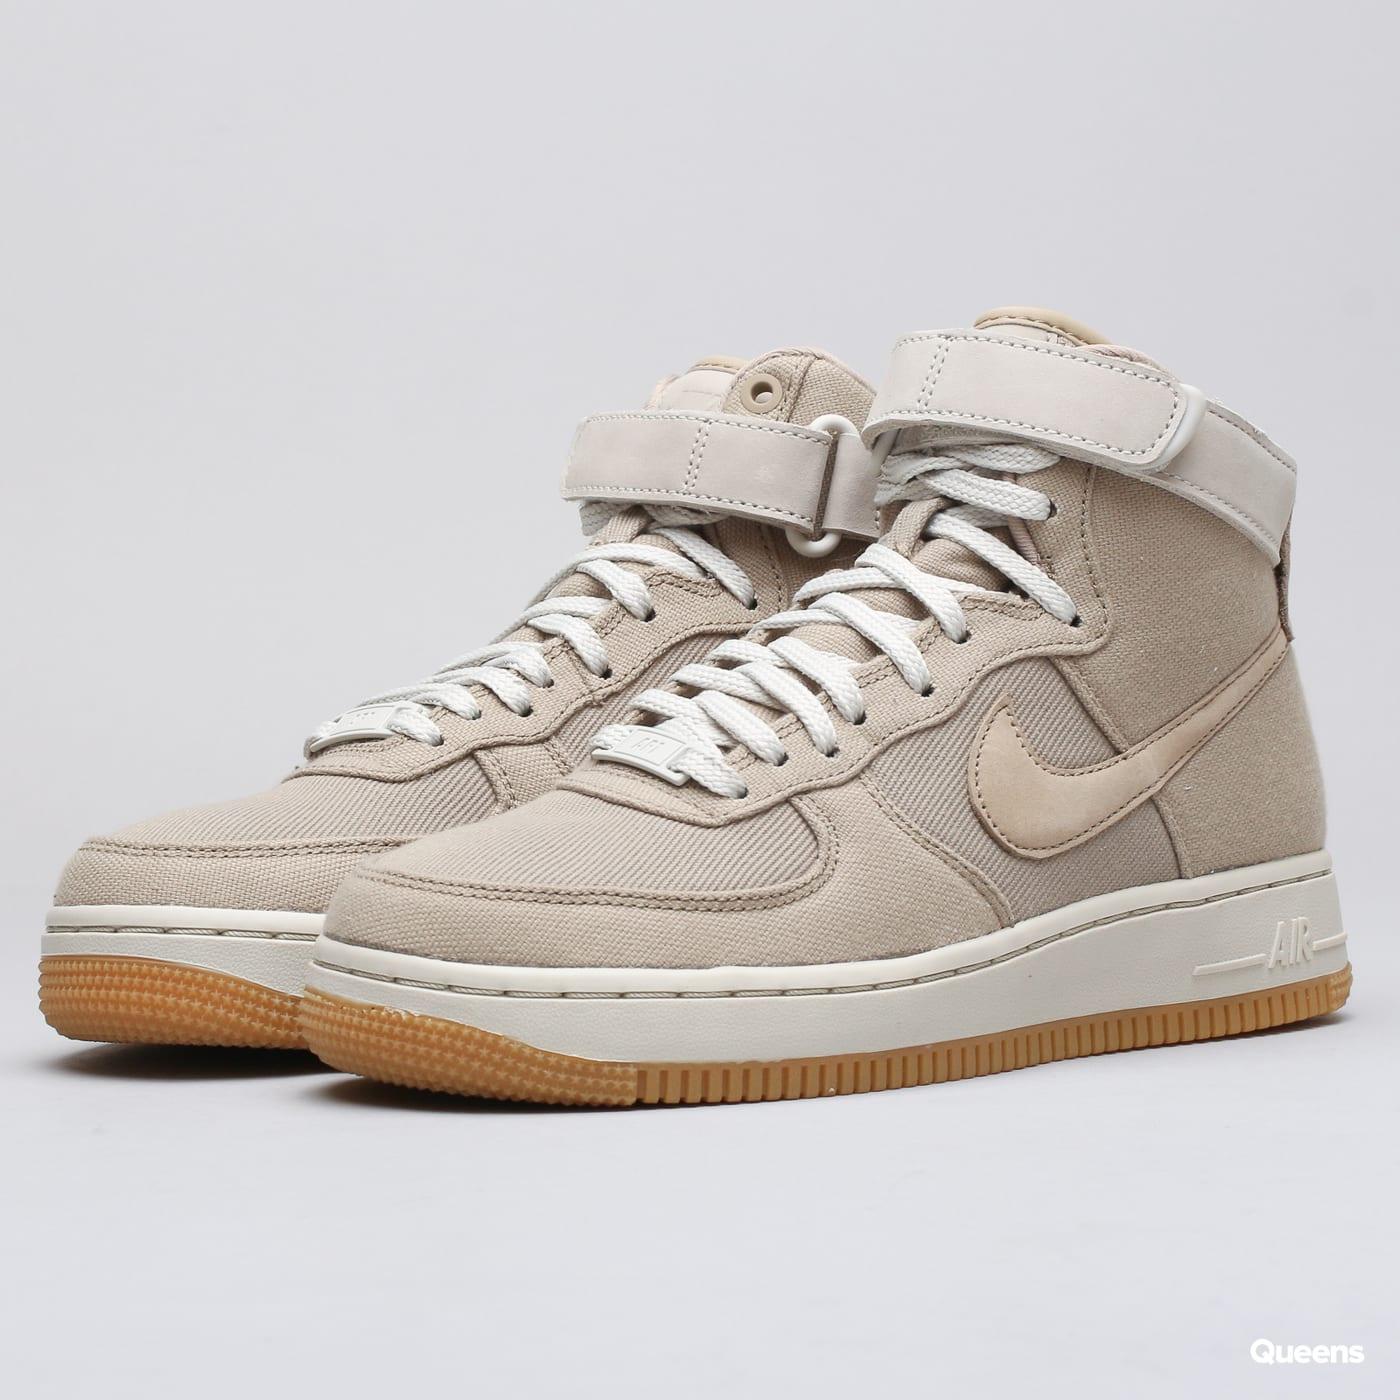 detailed look 4a685 ba37a Nike WMNS Air Force 1 Hi UT (AJ2775-200)– Queens 💚